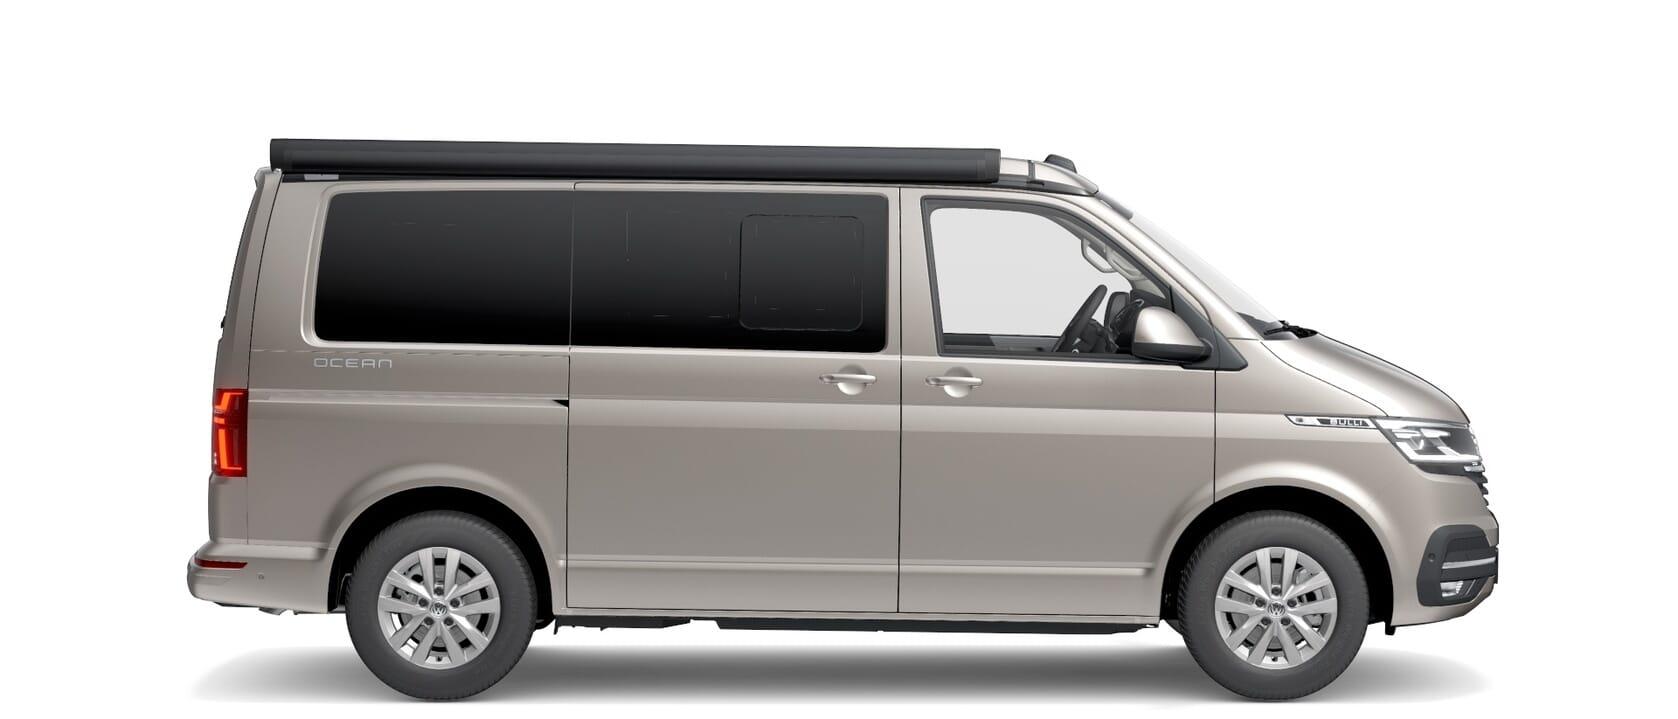 VW California Ocean KR 2.0 TDI EU6 SCR BMT 110 kW 7-Gang-DSG